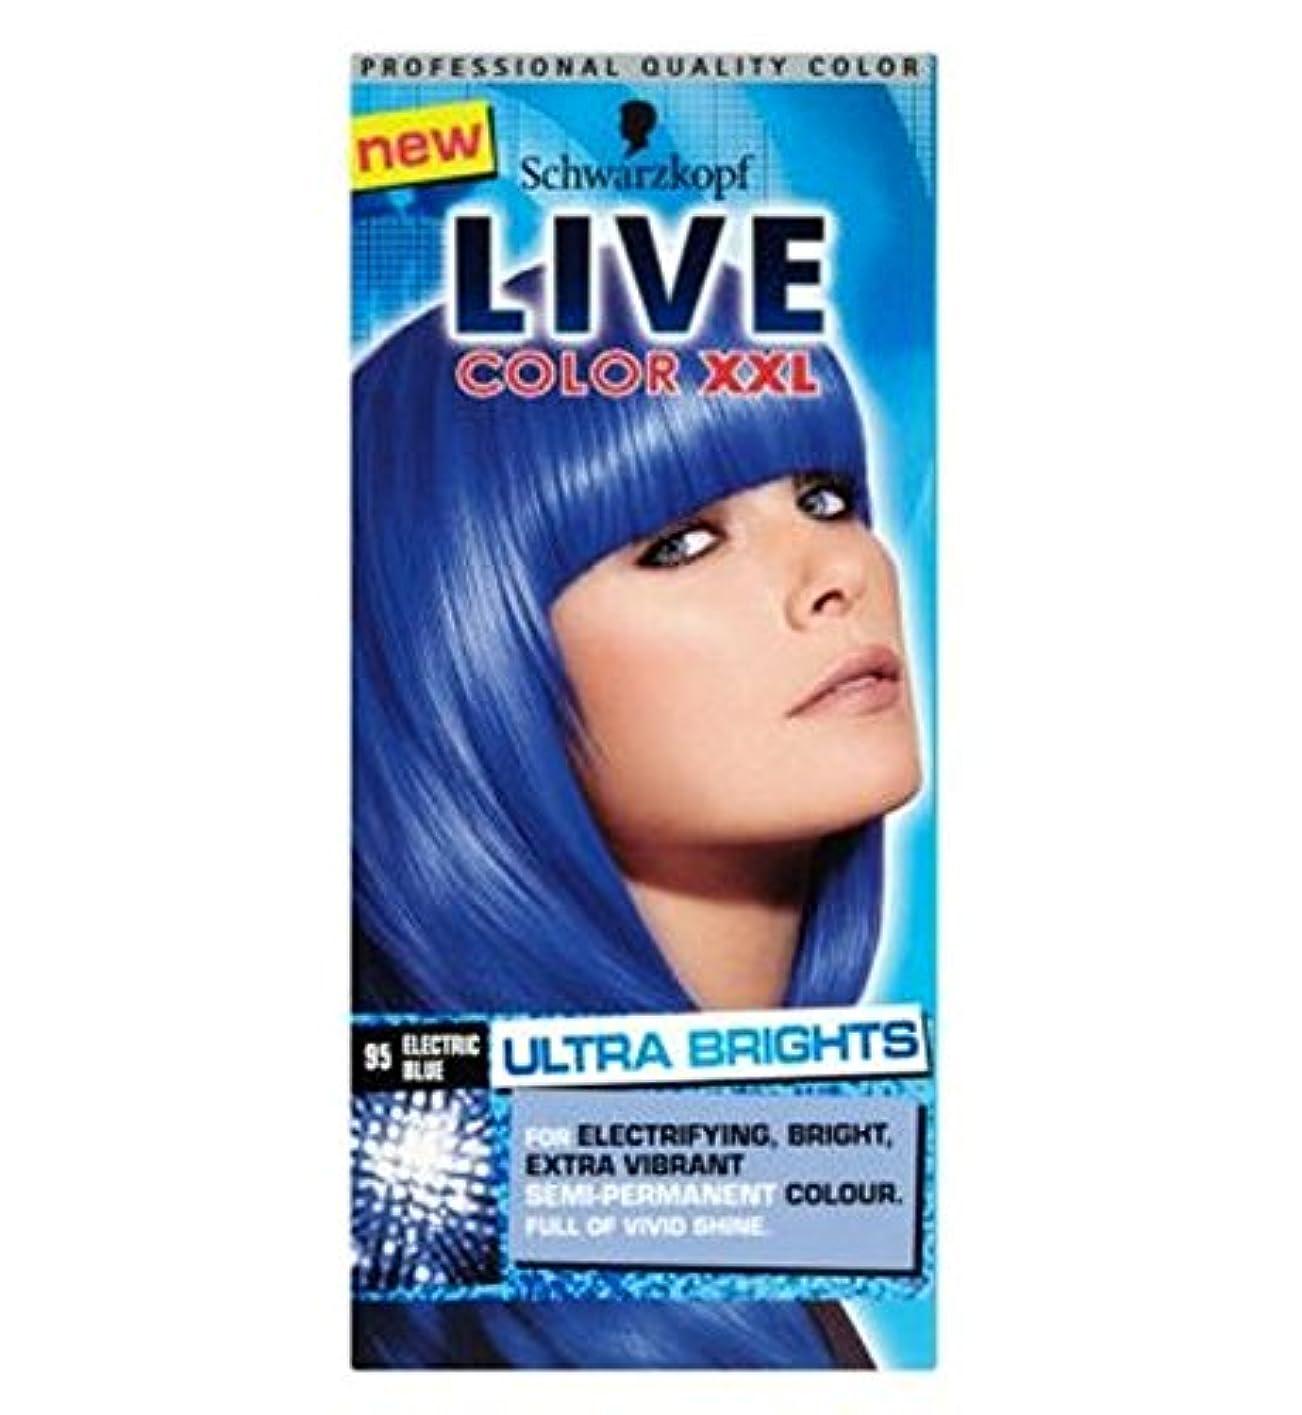 眉をひそめる拾う優越シュワルツコフライブカラーXxl超輝95エレクトリックブルー半永久的な青い髪の染料 (Schwarzkopf) (x2) - Schwarzkopf LIVE Color XXL Ultra Brights 95 Electric Blue Semi-Permanent Blue Hair Dye (Pack of 2) [並行輸入品]